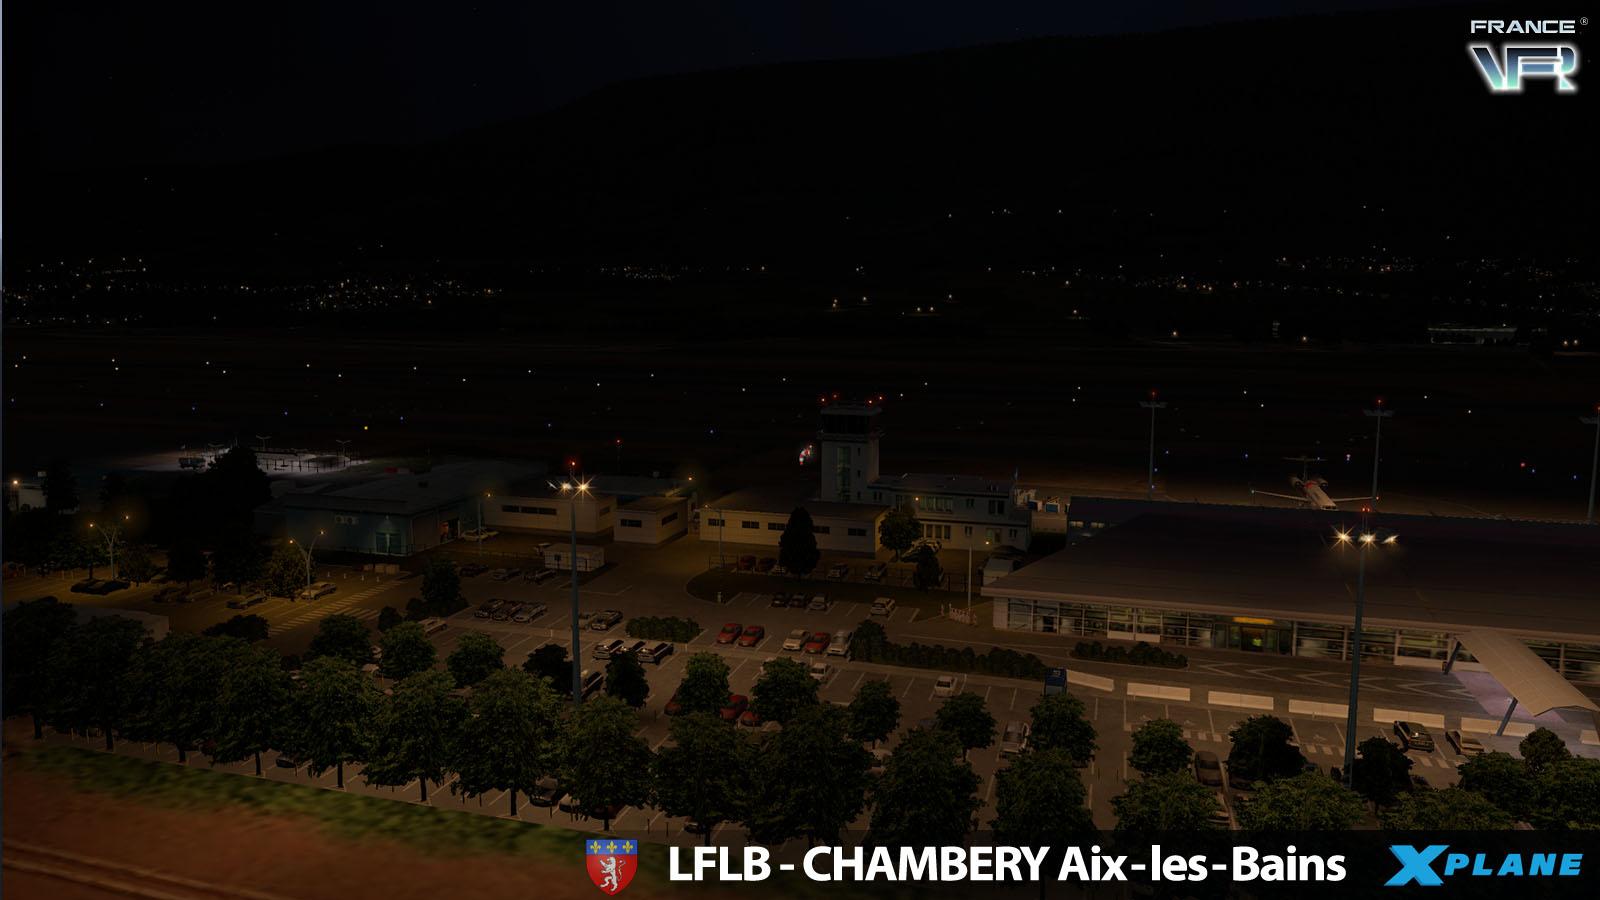 LFLBXP_23